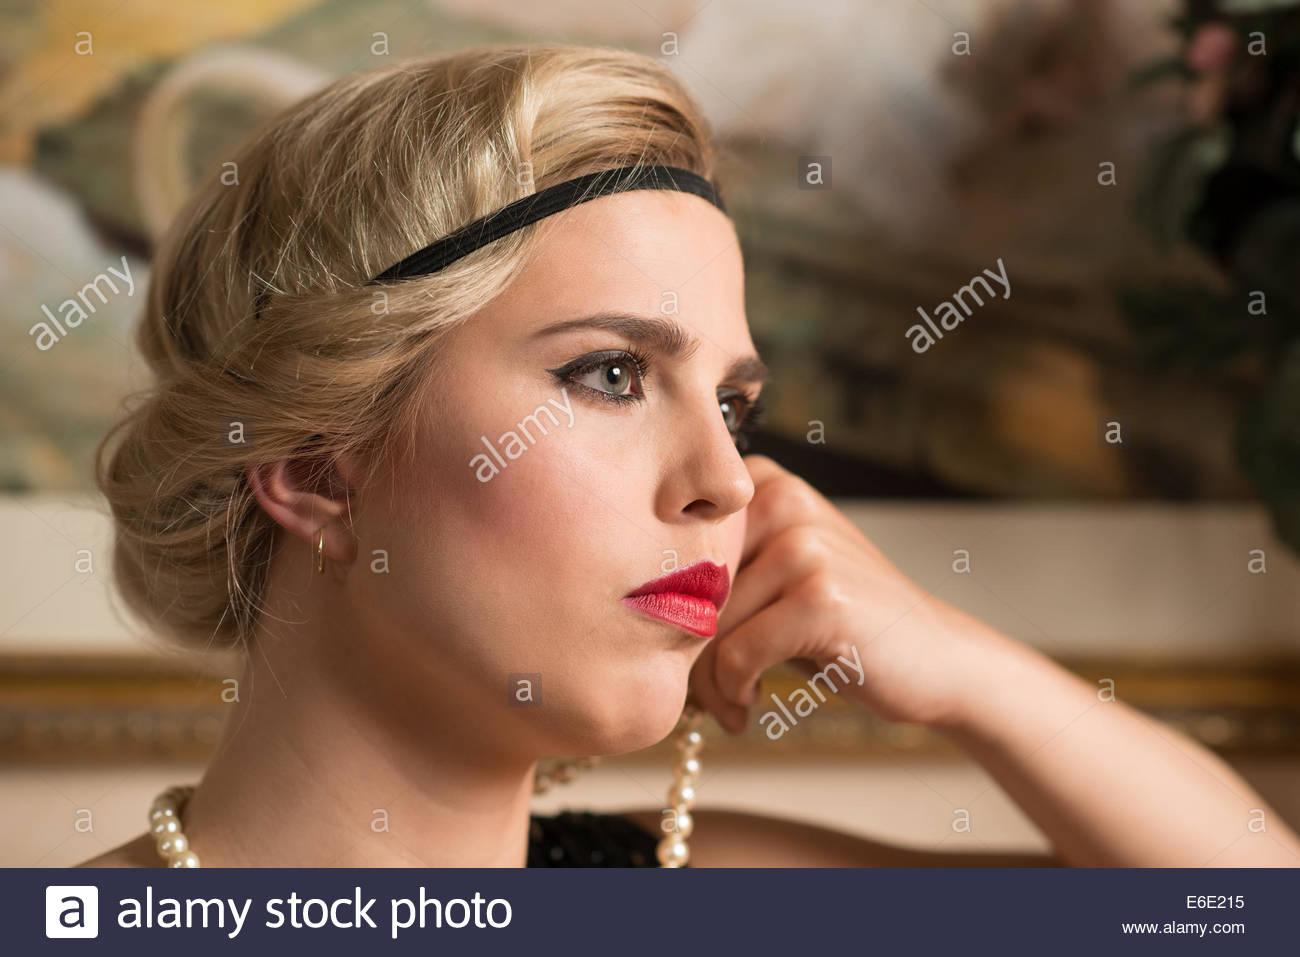 Kopf Einer Frau Mit Einem 20er Jahre Frisur Im Profil Geschossen